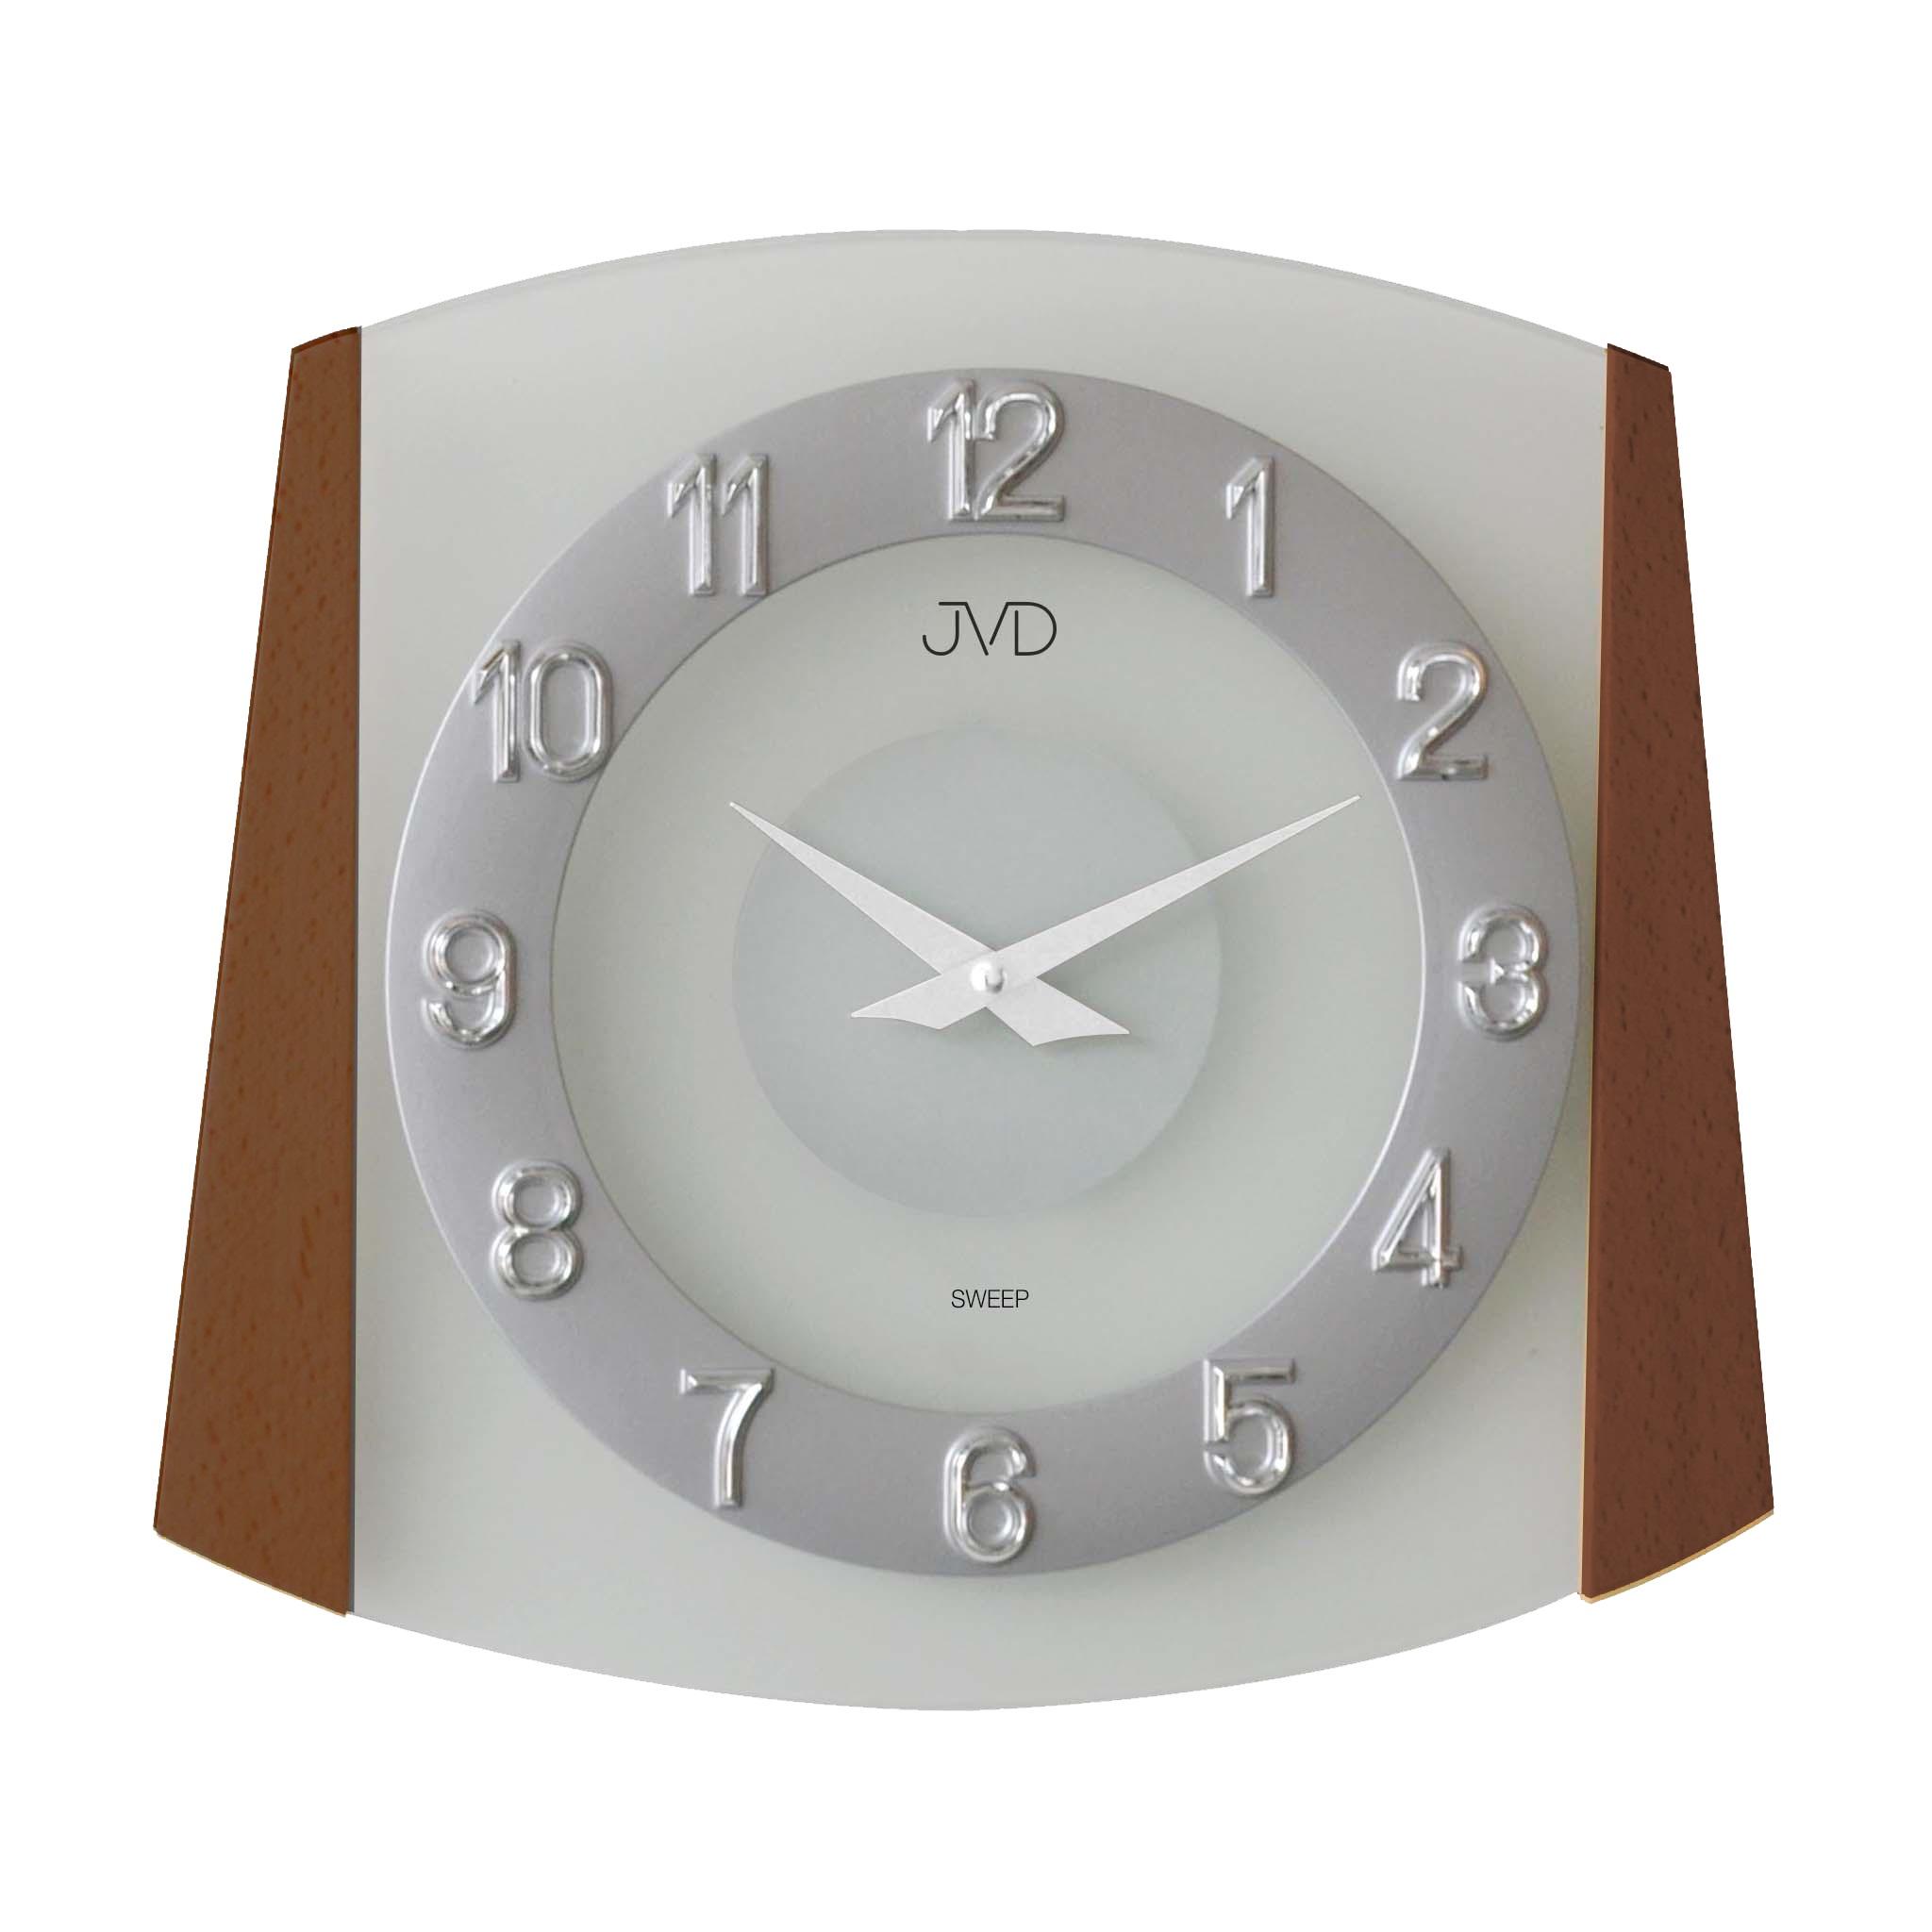 Dřevěné skleněné netikajcí hodiny JVD sweep NS14029/11 (netikající dřevěné hodiny)